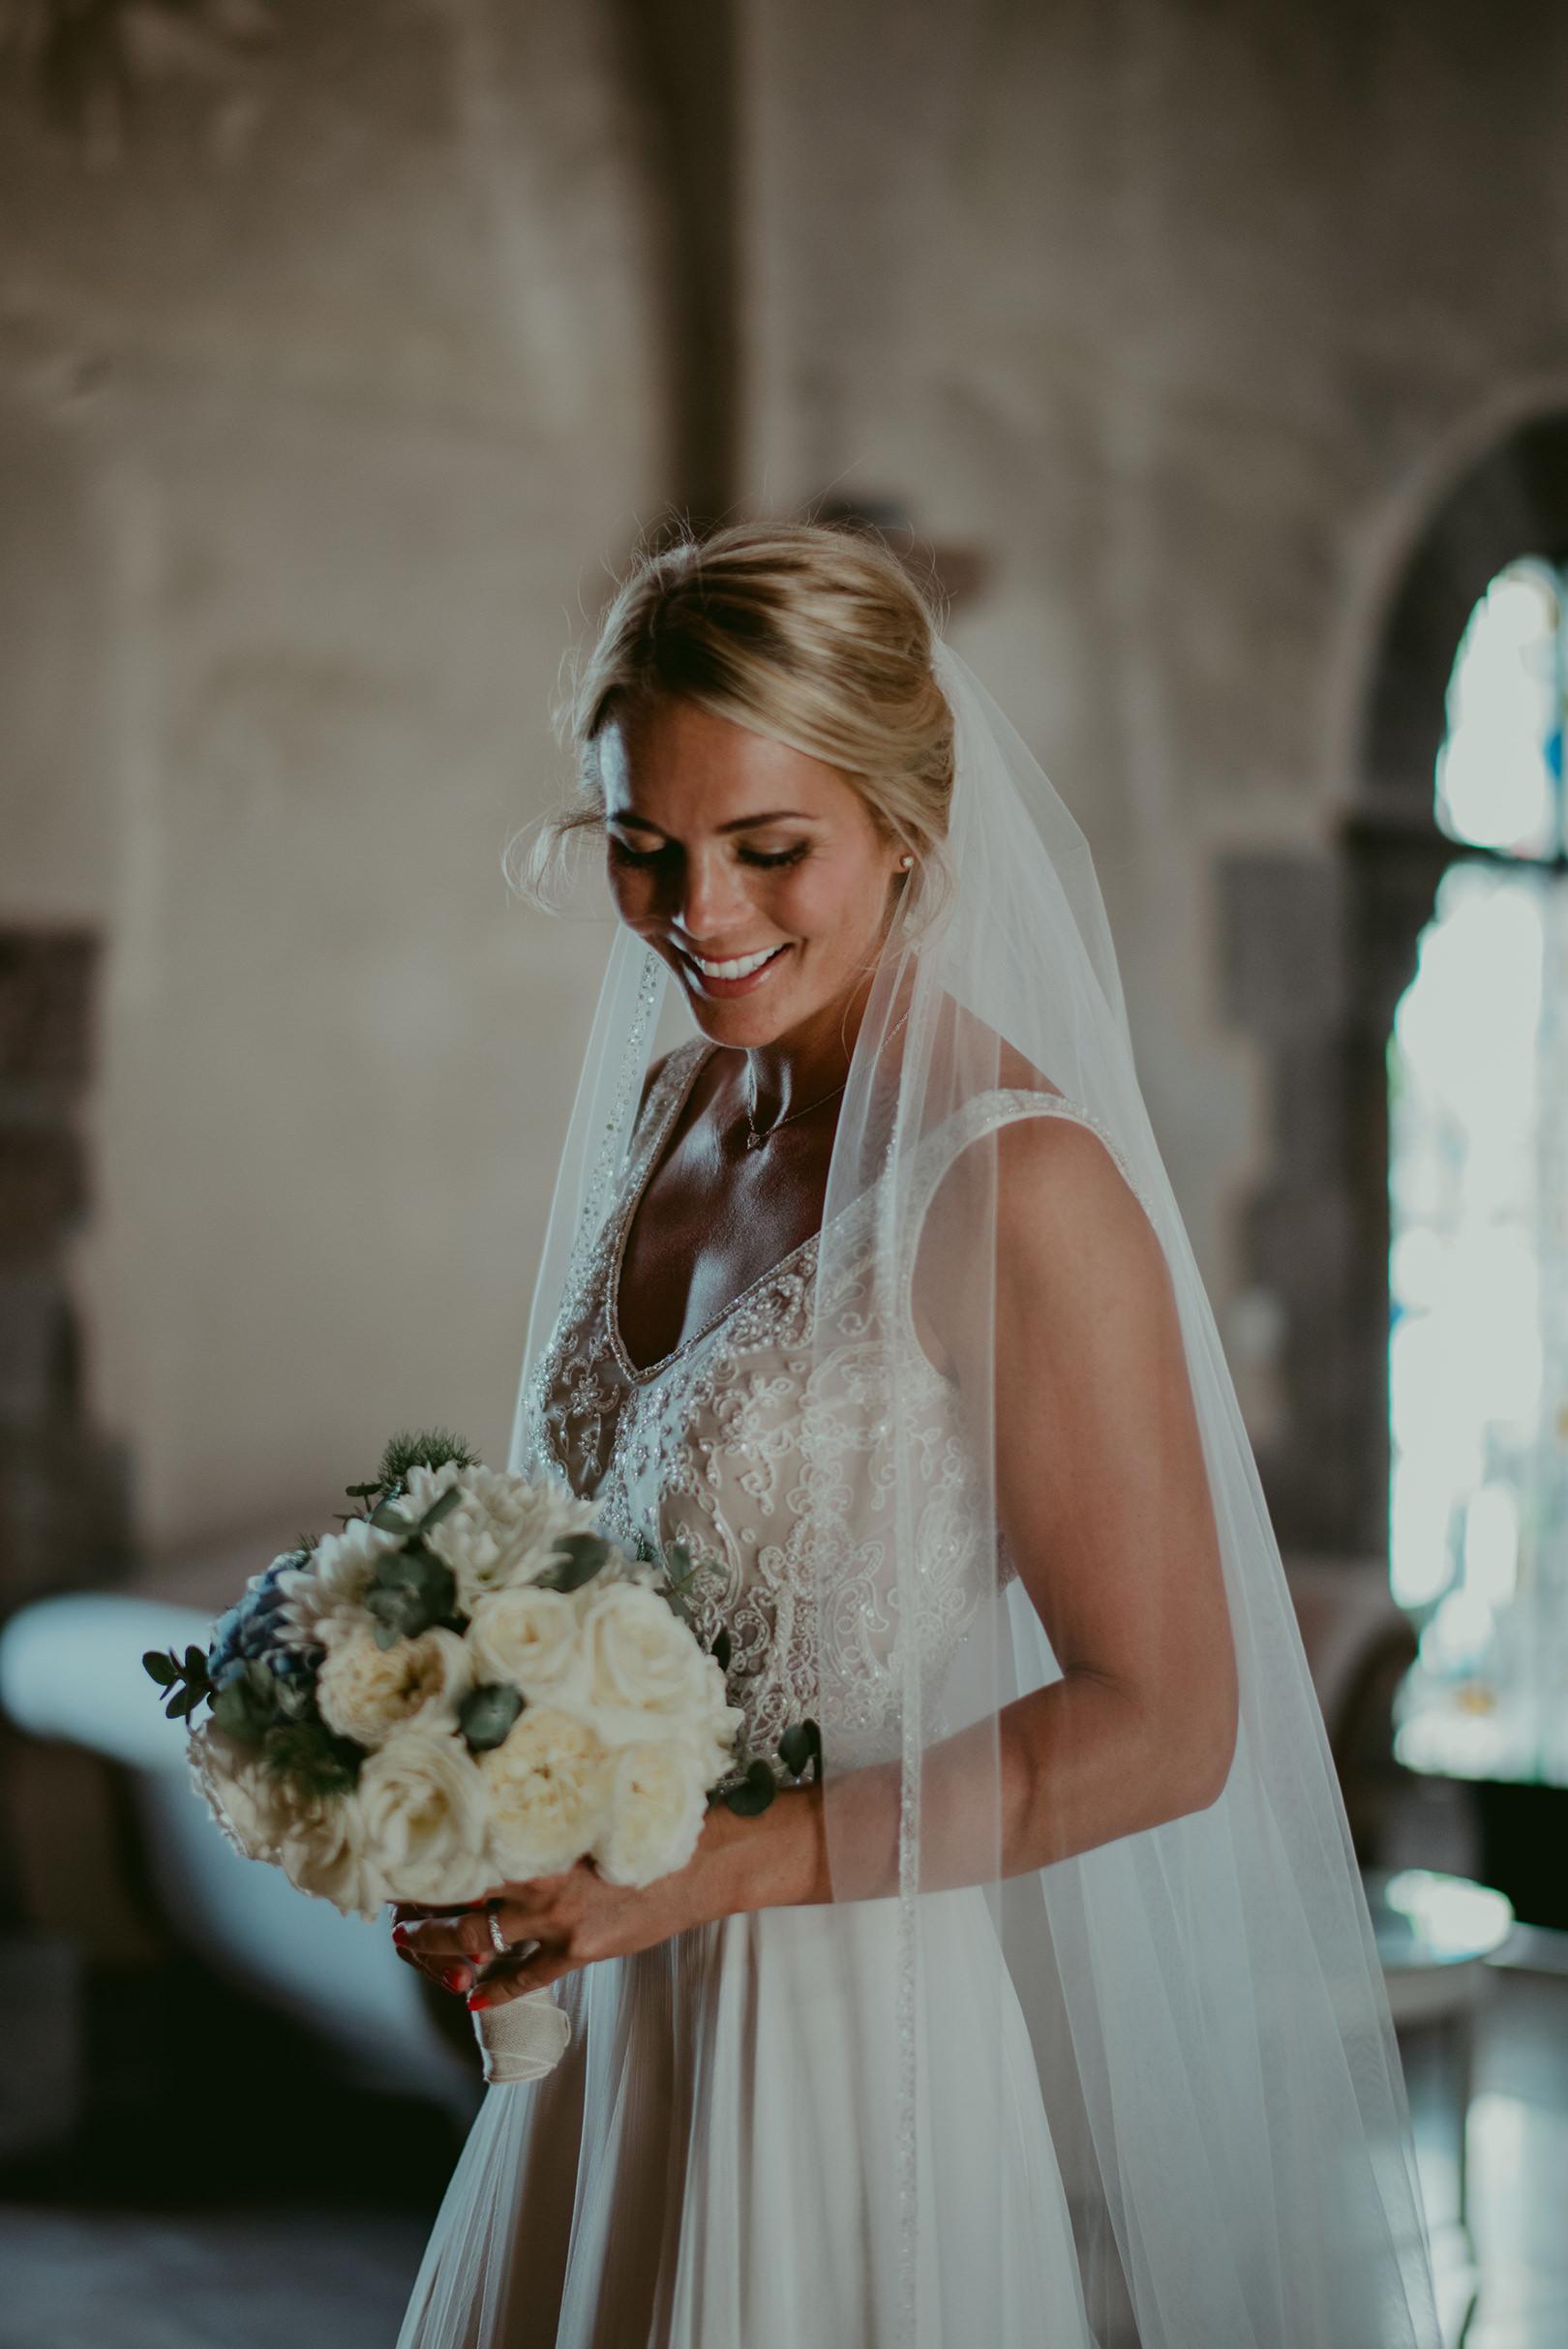 Beautiful bridal photograph at Chateau de la Napoule France